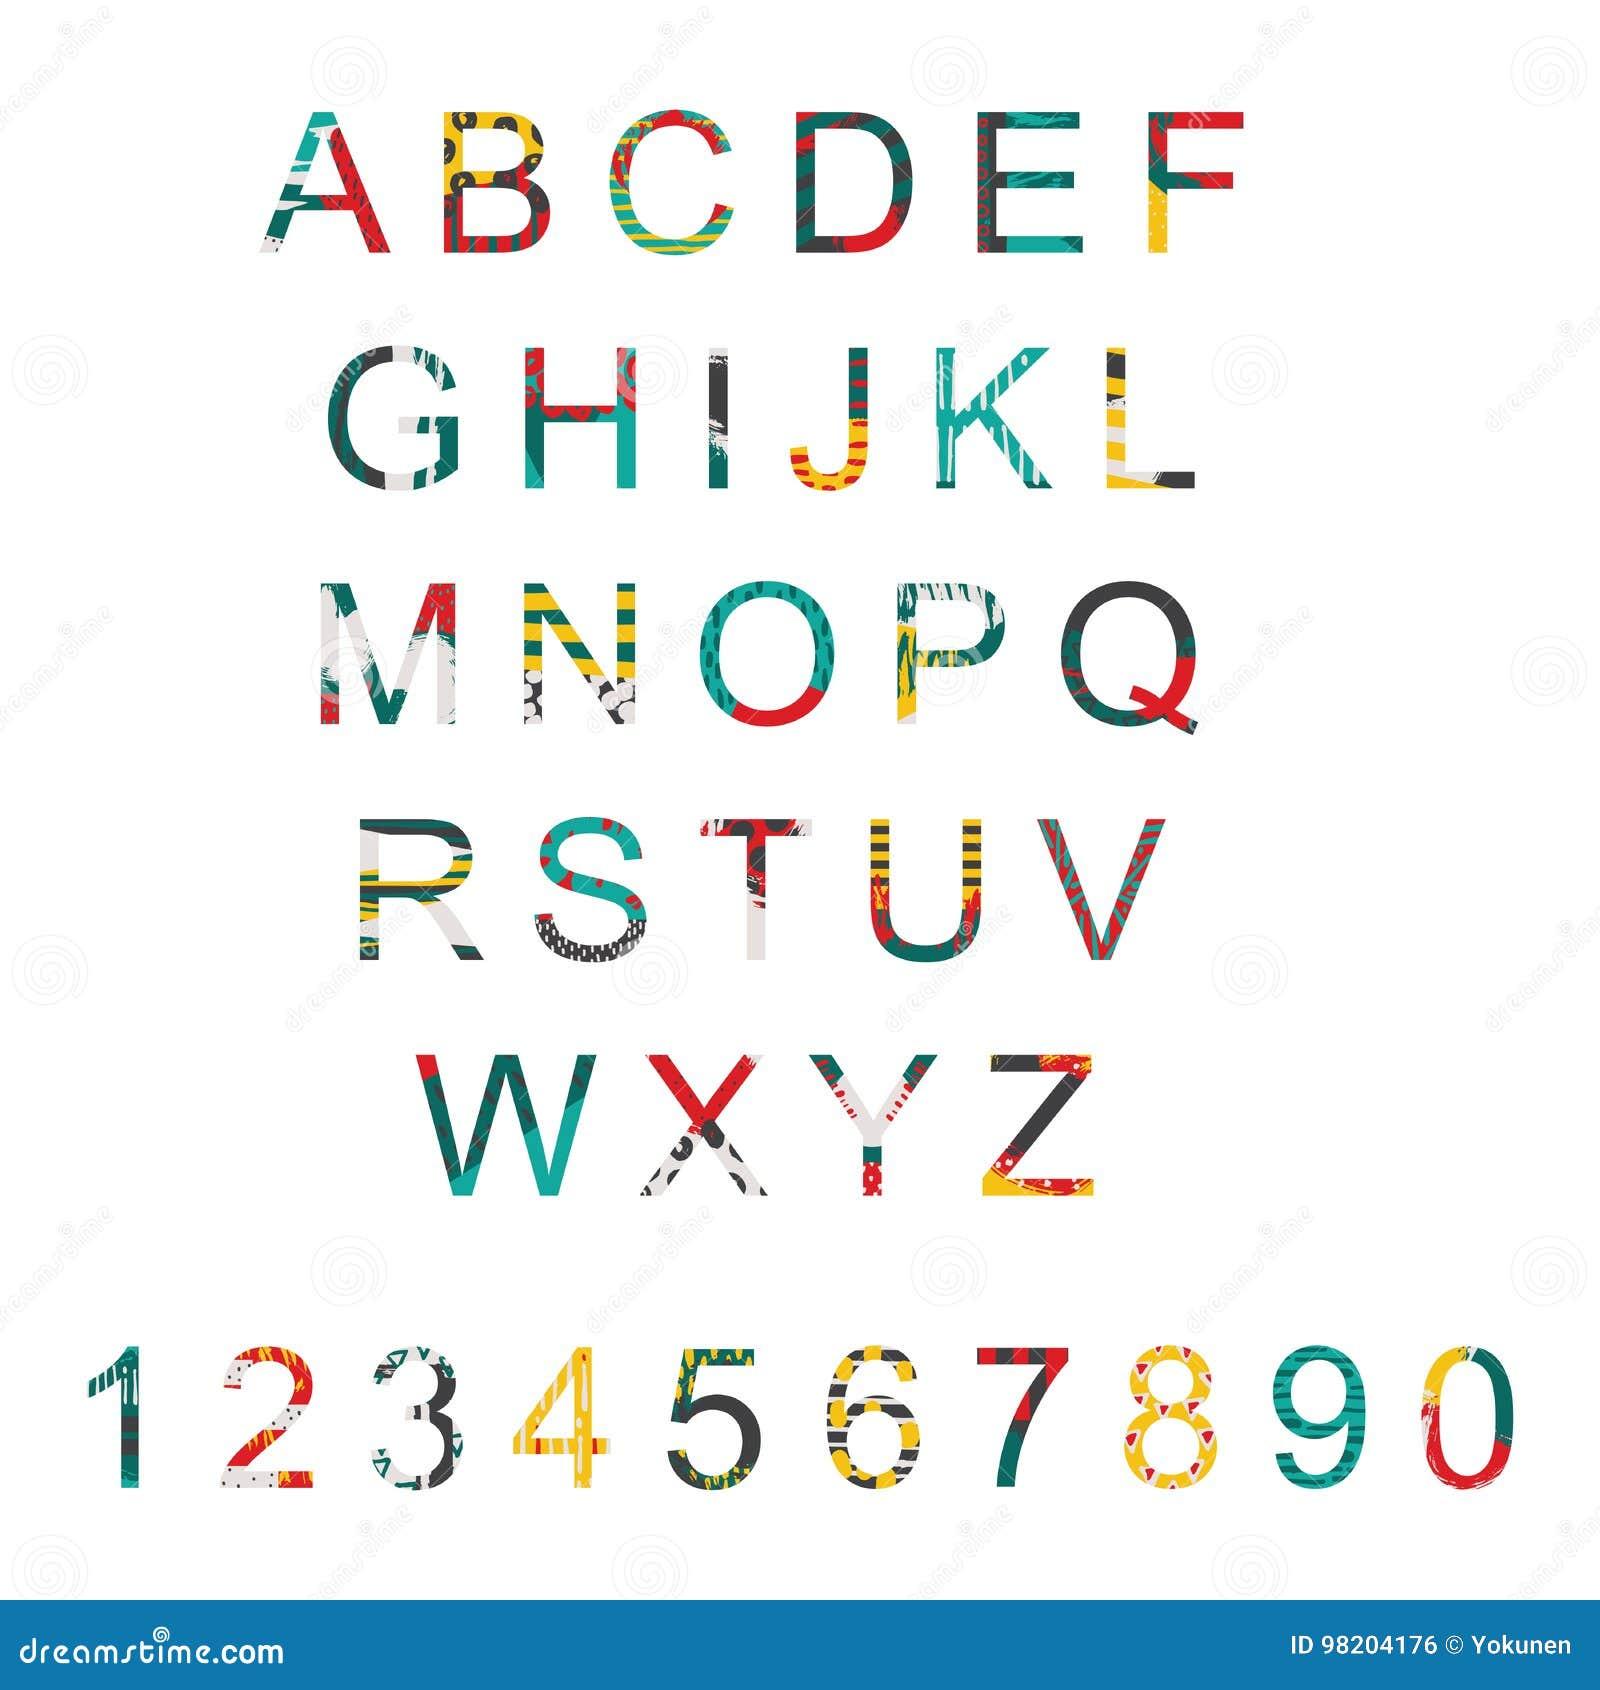 vektortypographie stellte mit alphabetbuchstabereihenfolge von a zu z und zahlen ein abc. Black Bedroom Furniture Sets. Home Design Ideas